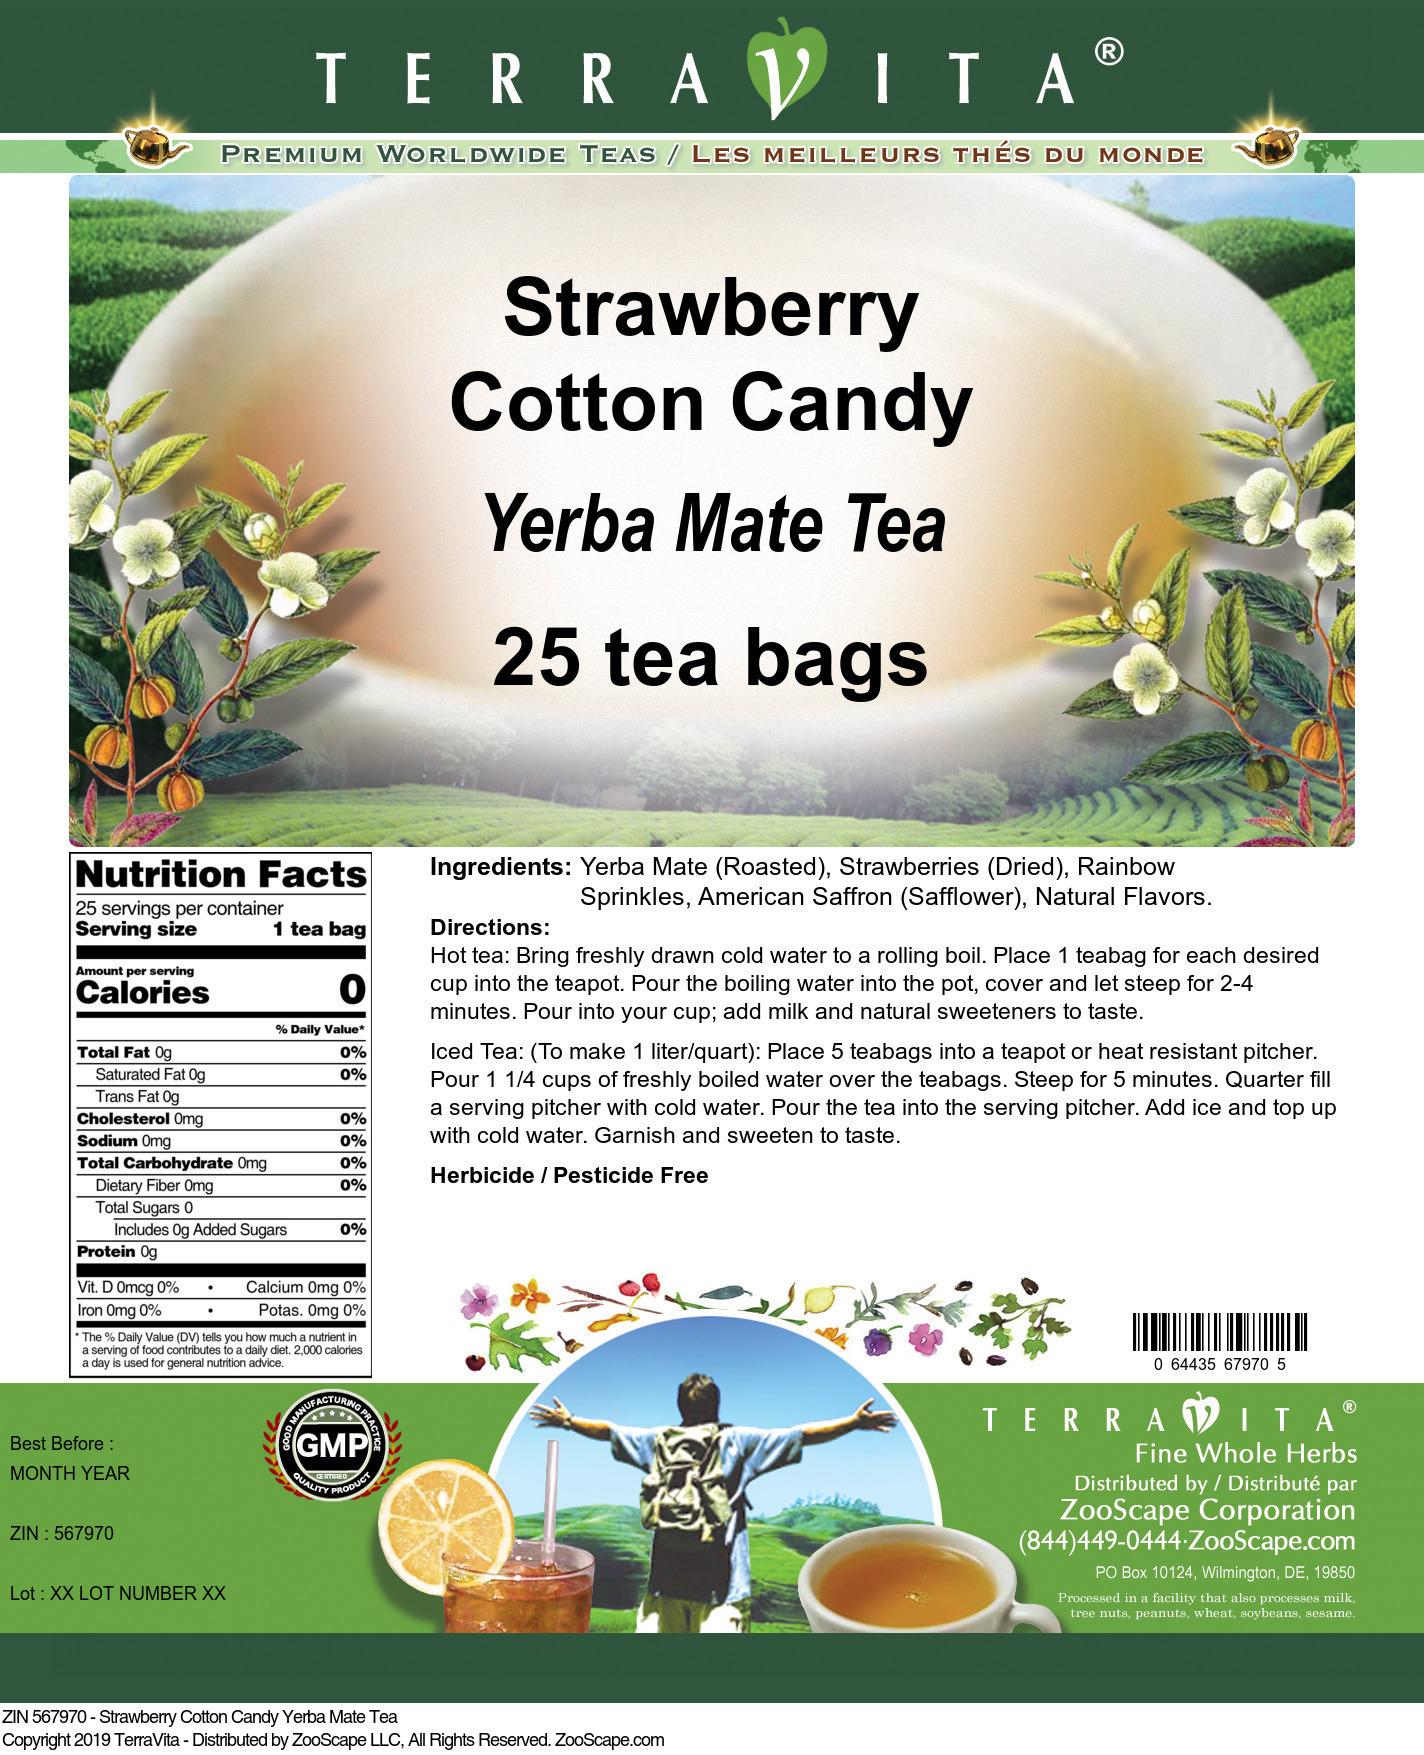 Strawberry Cotton Candy Yerba Mate